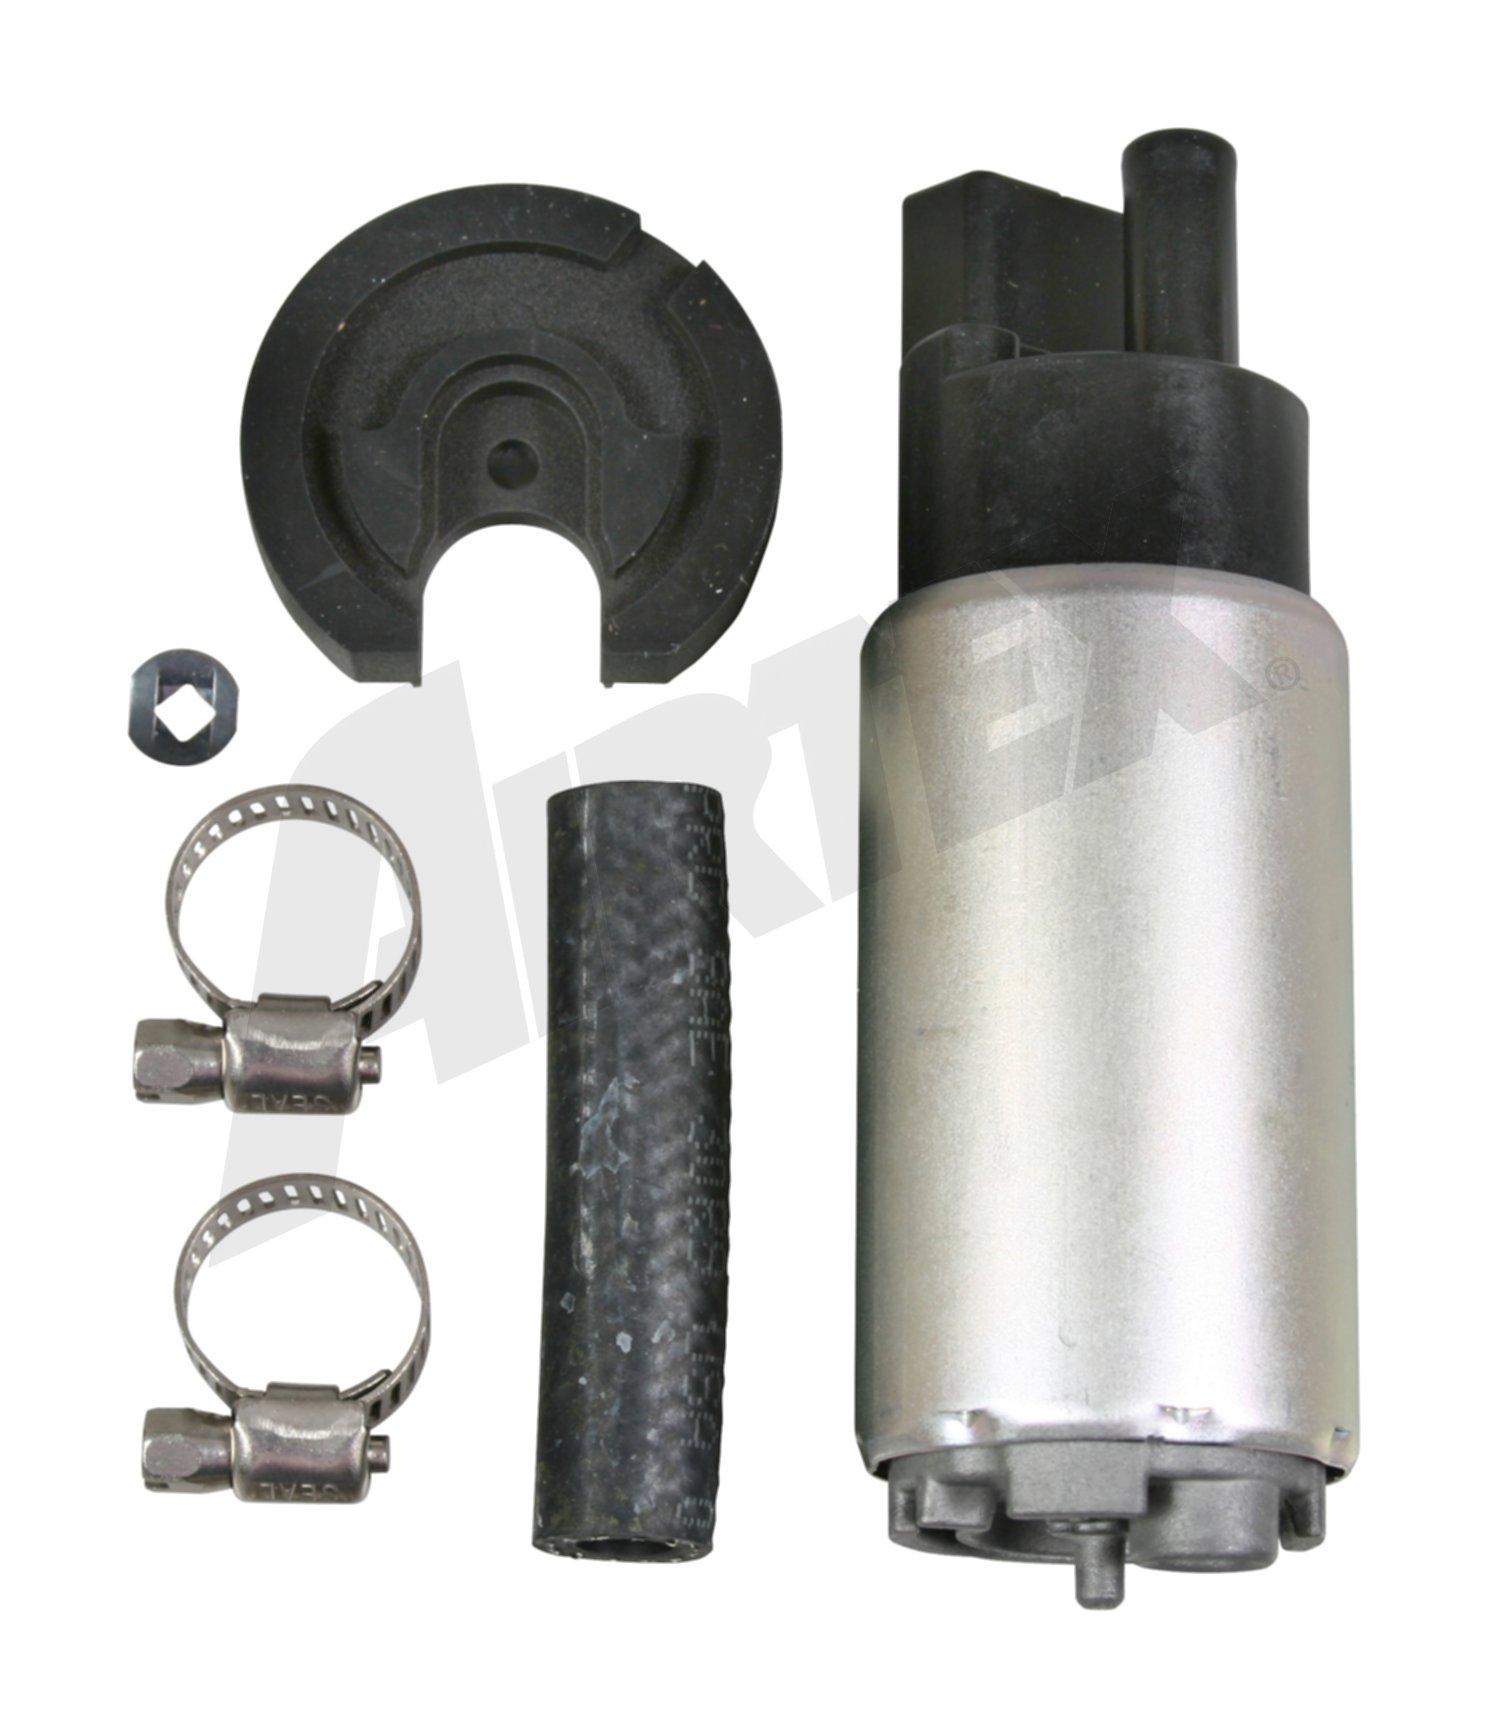 Airtex Fuel Pumps E8335 Electric Fuel Pump Fits 1991-1995 Jeep Wrangler